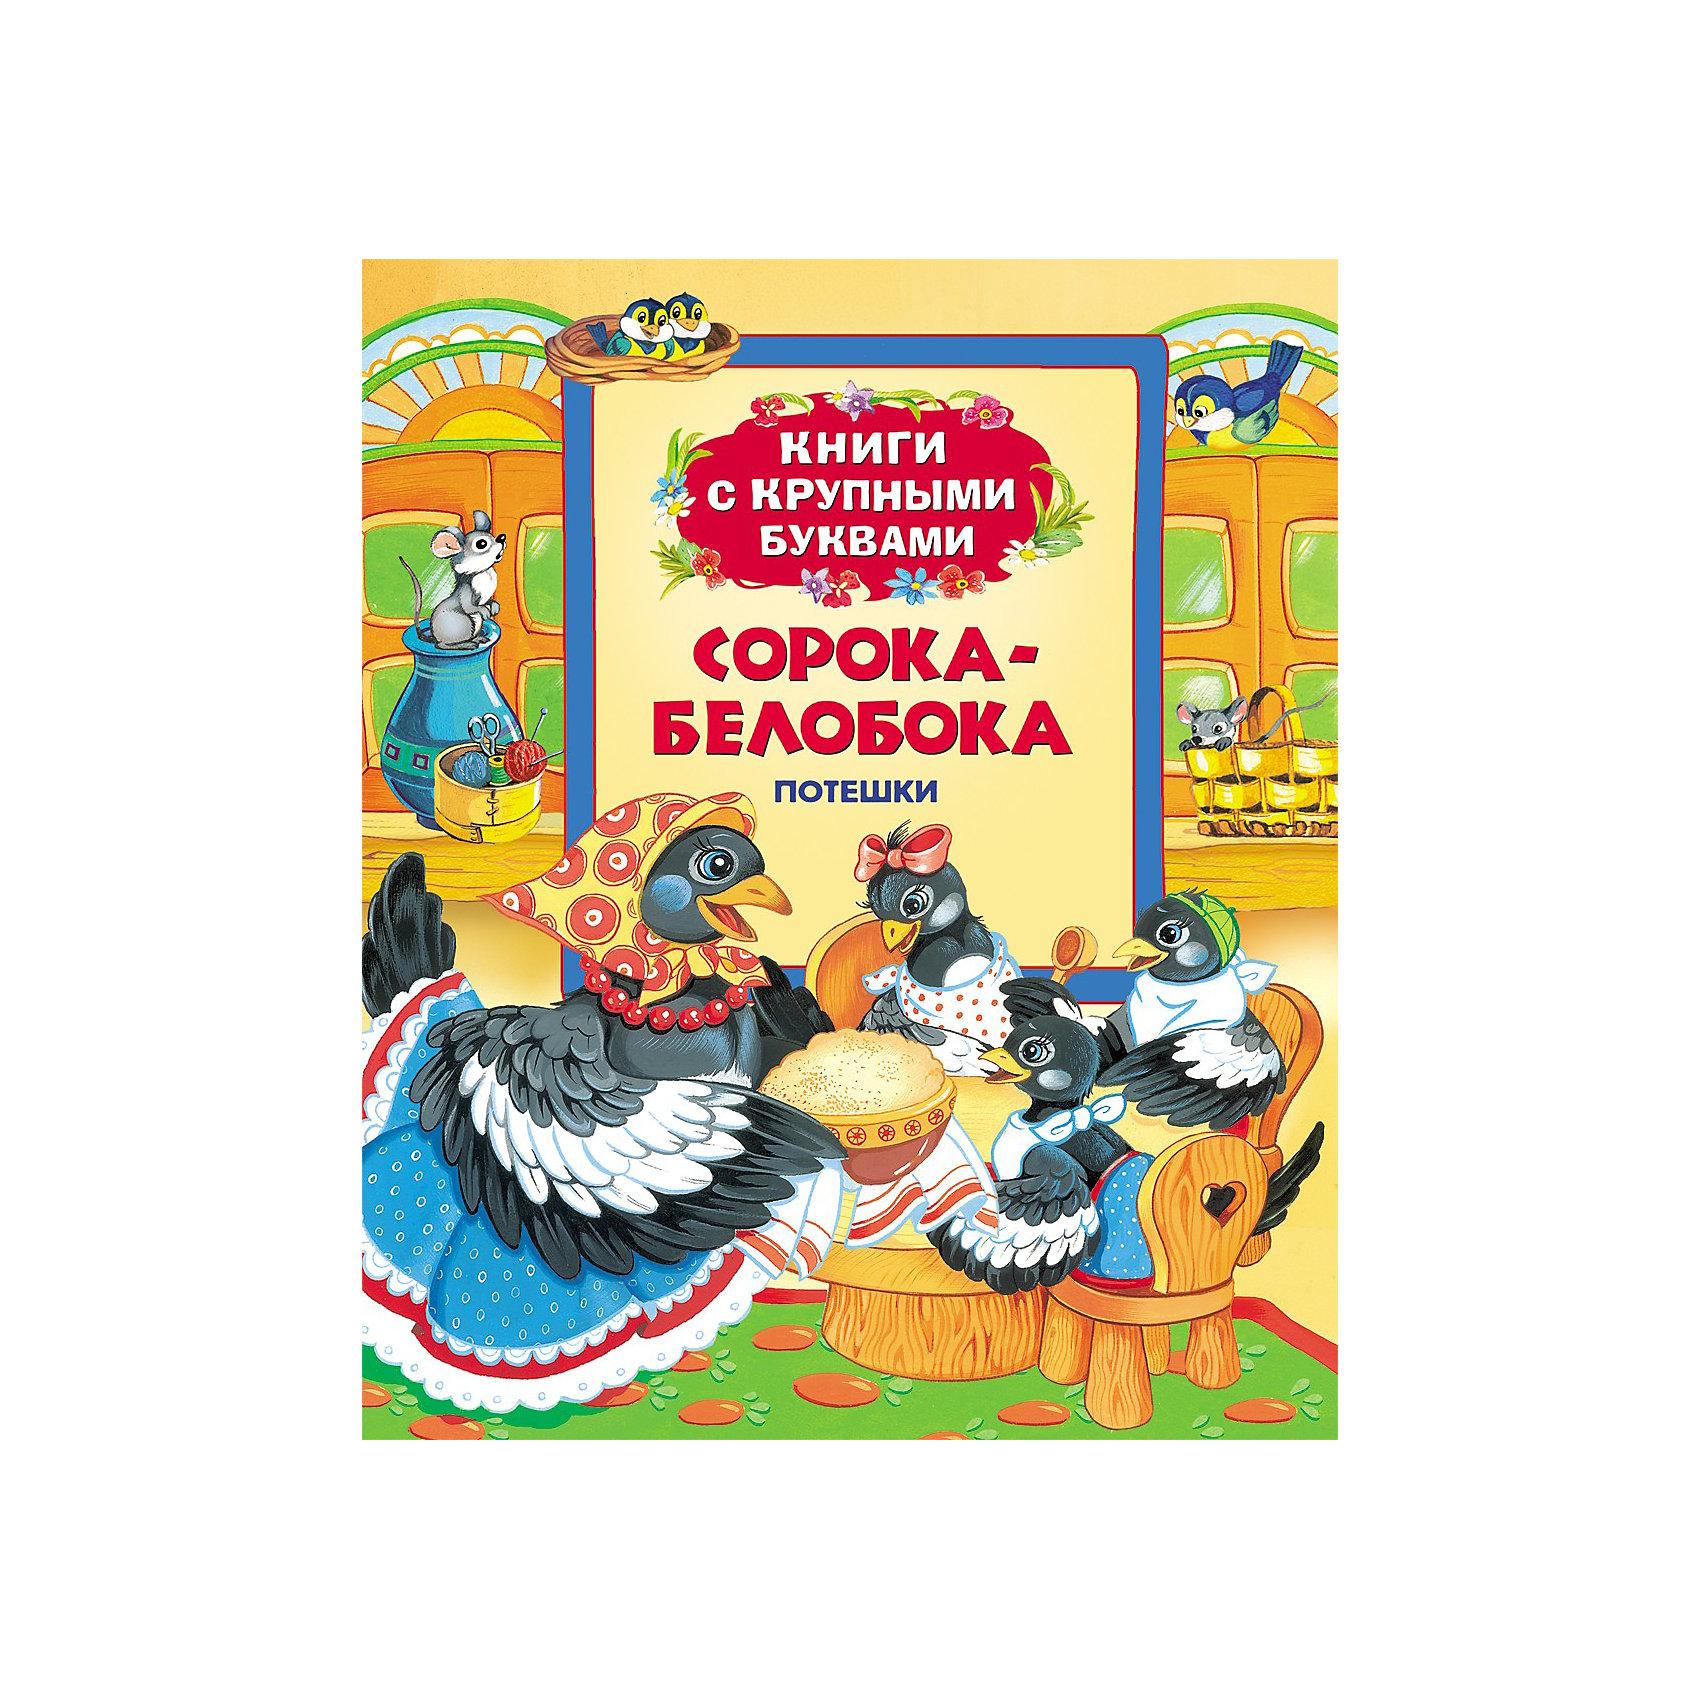 Росмэн Книга с крупными буквами Сорока-белобока художественные книги росмэн книга кротик любимые истории